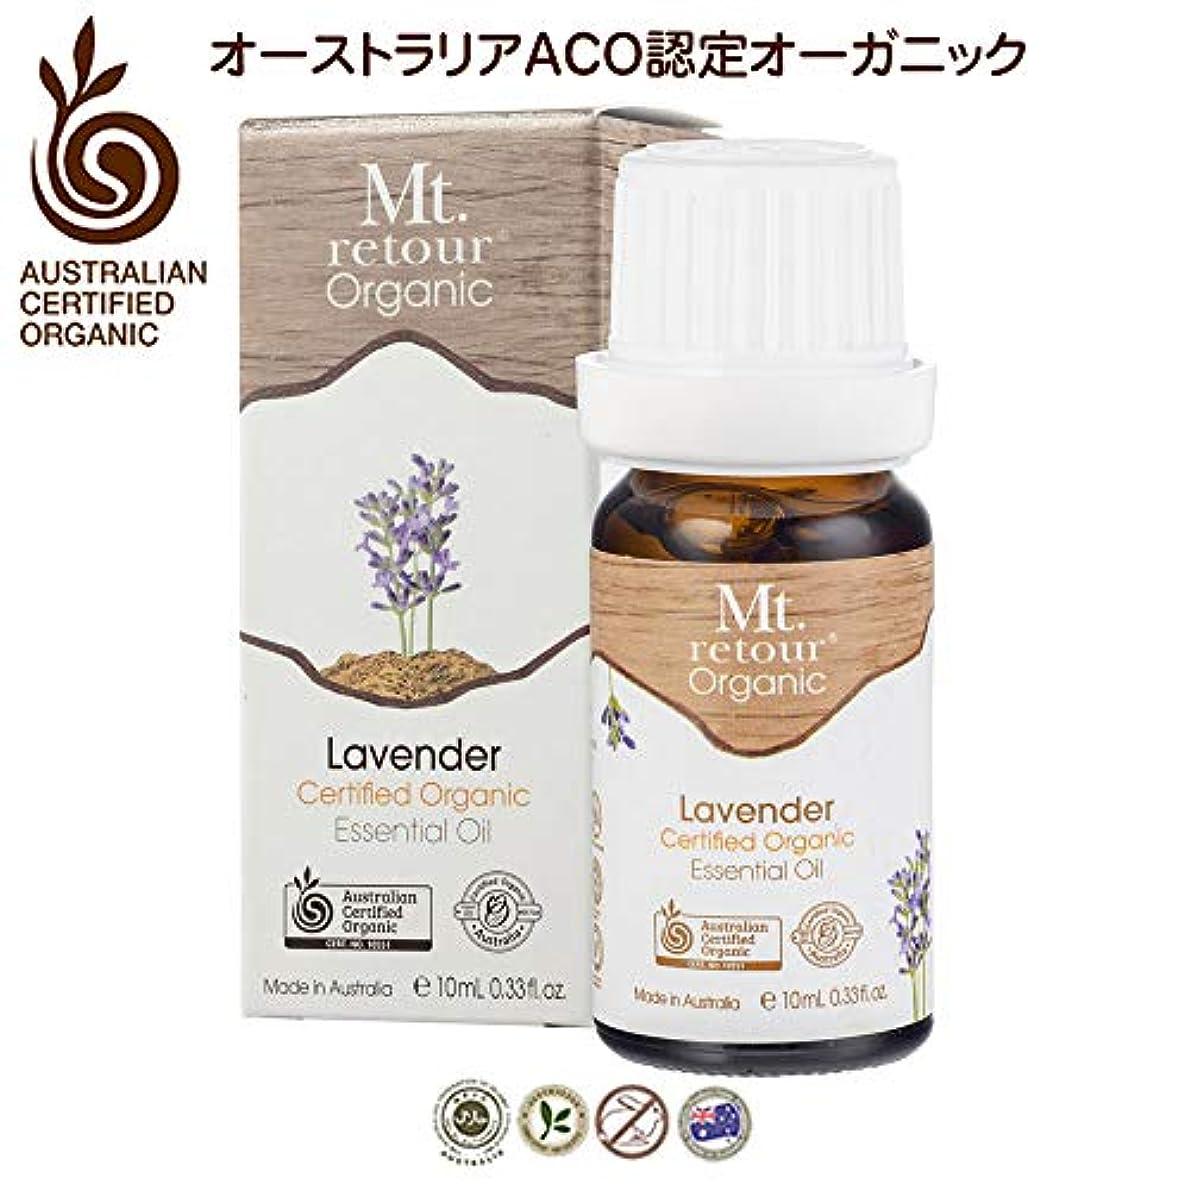 森林闘争真剣にMt. retour ACO認定オーガニック ラベンダー10ml エッセンシャルオイル(無農薬有機栽培)アロマ